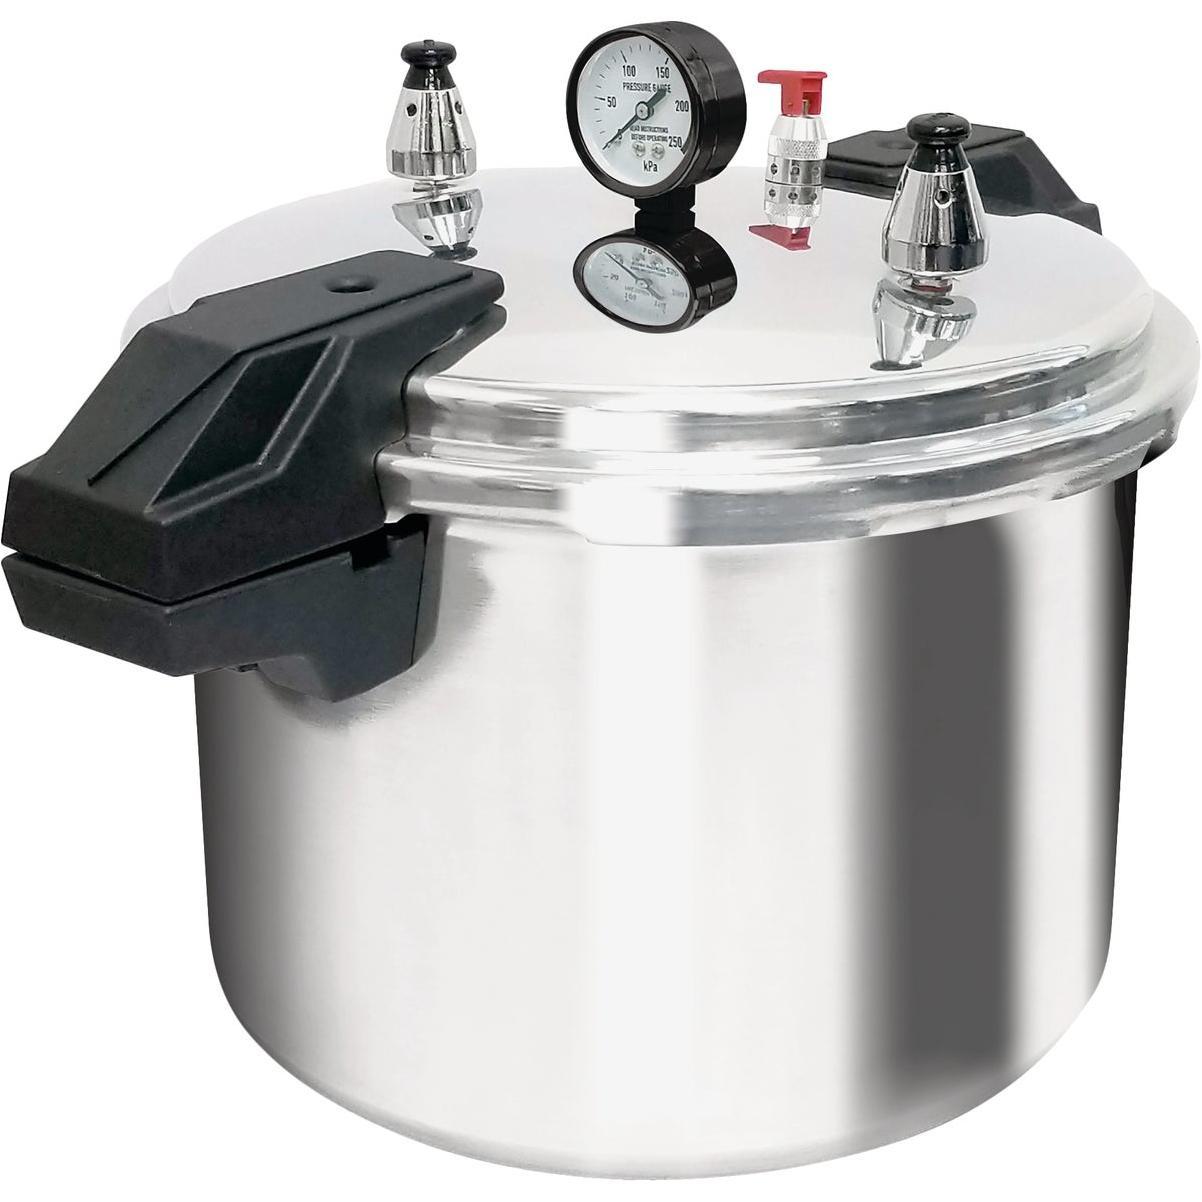 Pressure Cooker or Canner Gasket 3 pk Presto 16-21 Qt